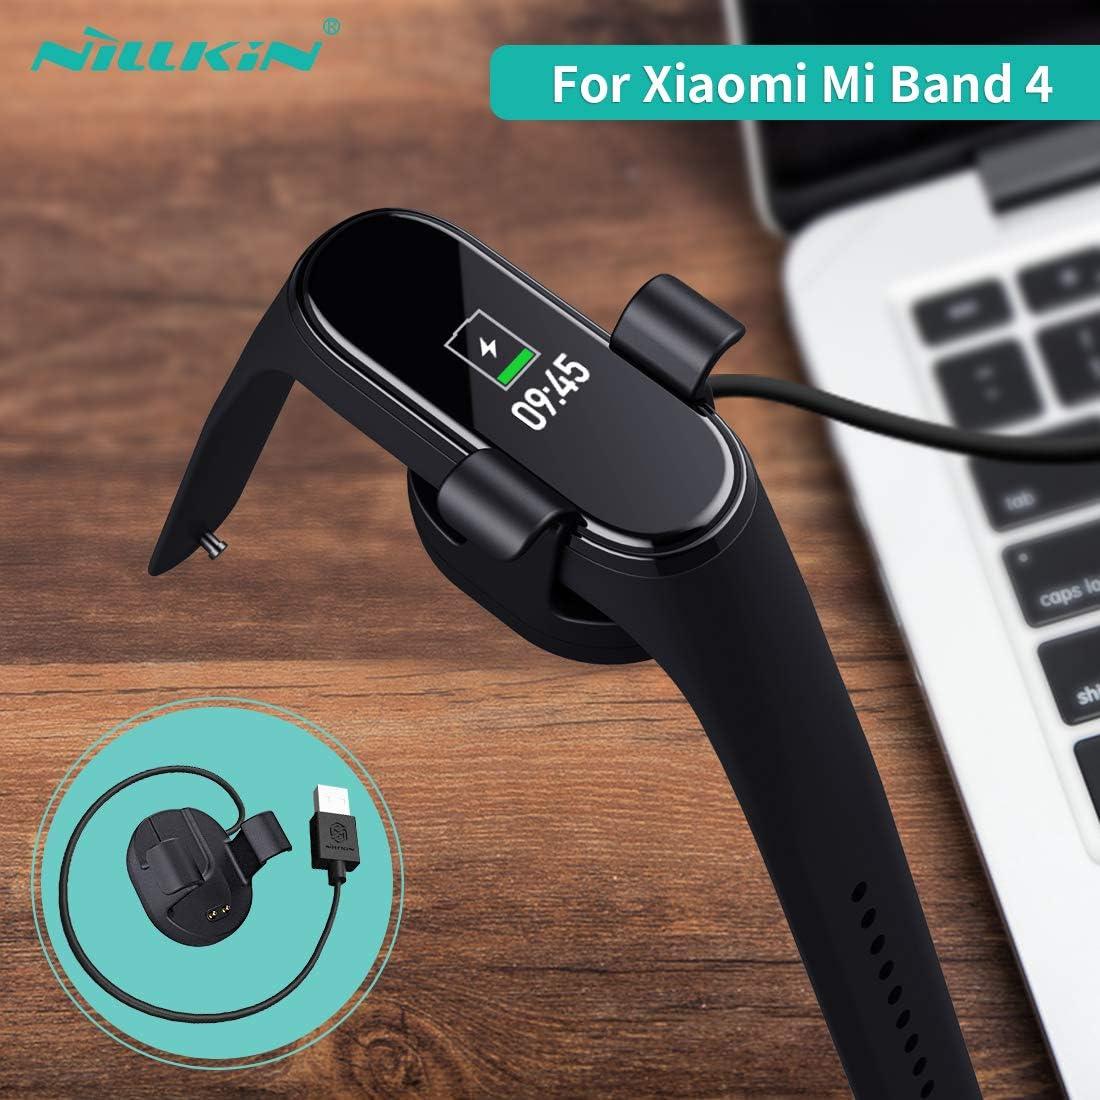 NILLKIN Cable Cargador para Xiaomi Mi Band 4 Miband 4 para xiaomi mi Band 4 Versión Global Cargador Adaptador USB para xiaomi Band 4